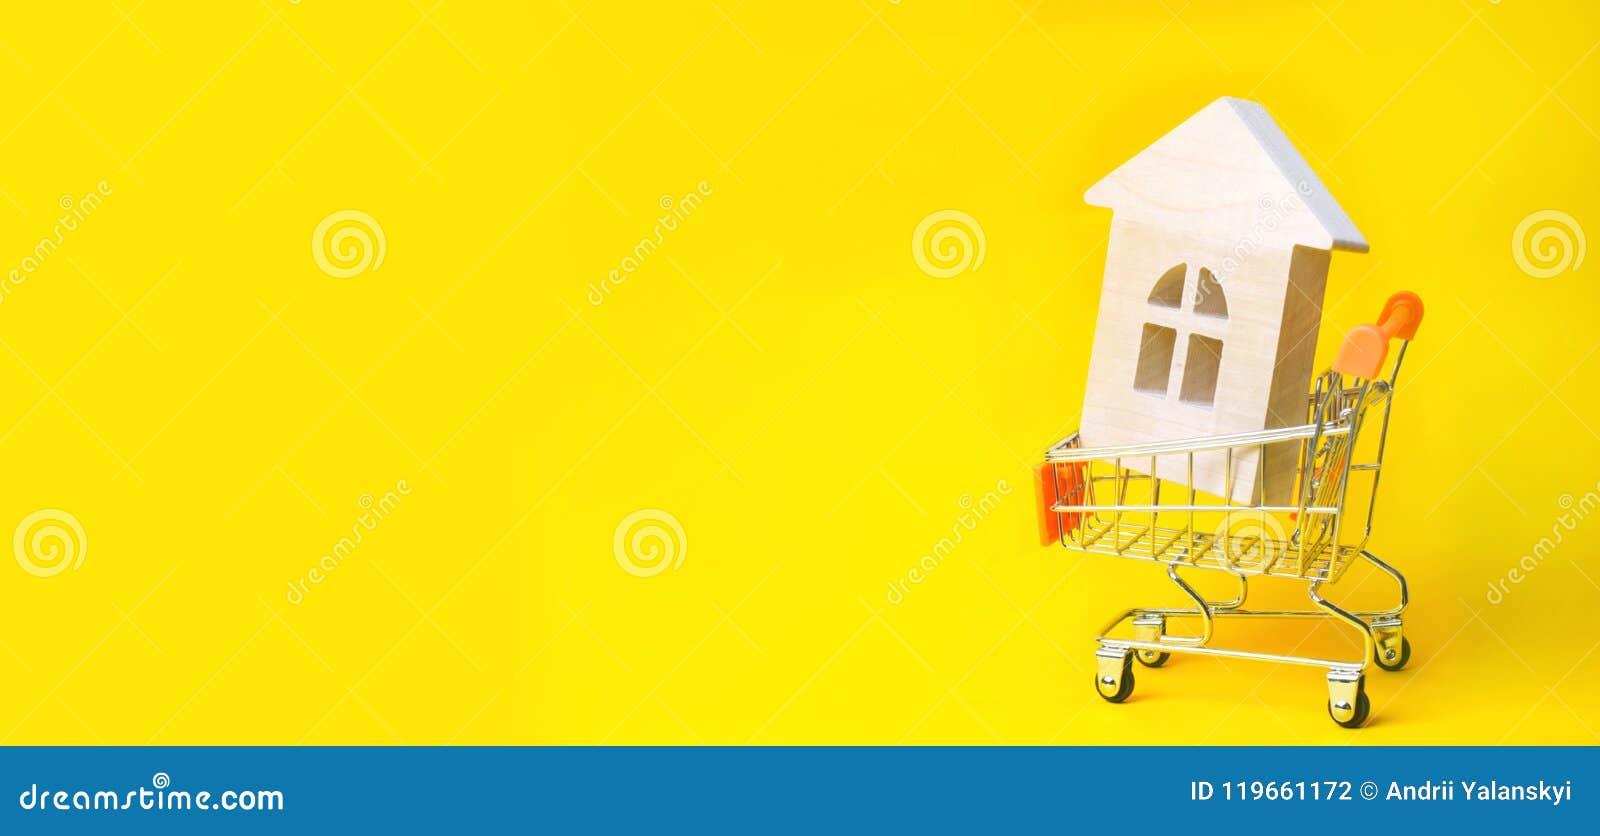 Investimento da propriedade e conceito financeiro da hipoteca da casa comprando, alugando e vendendo apartamentos Casas dos bens